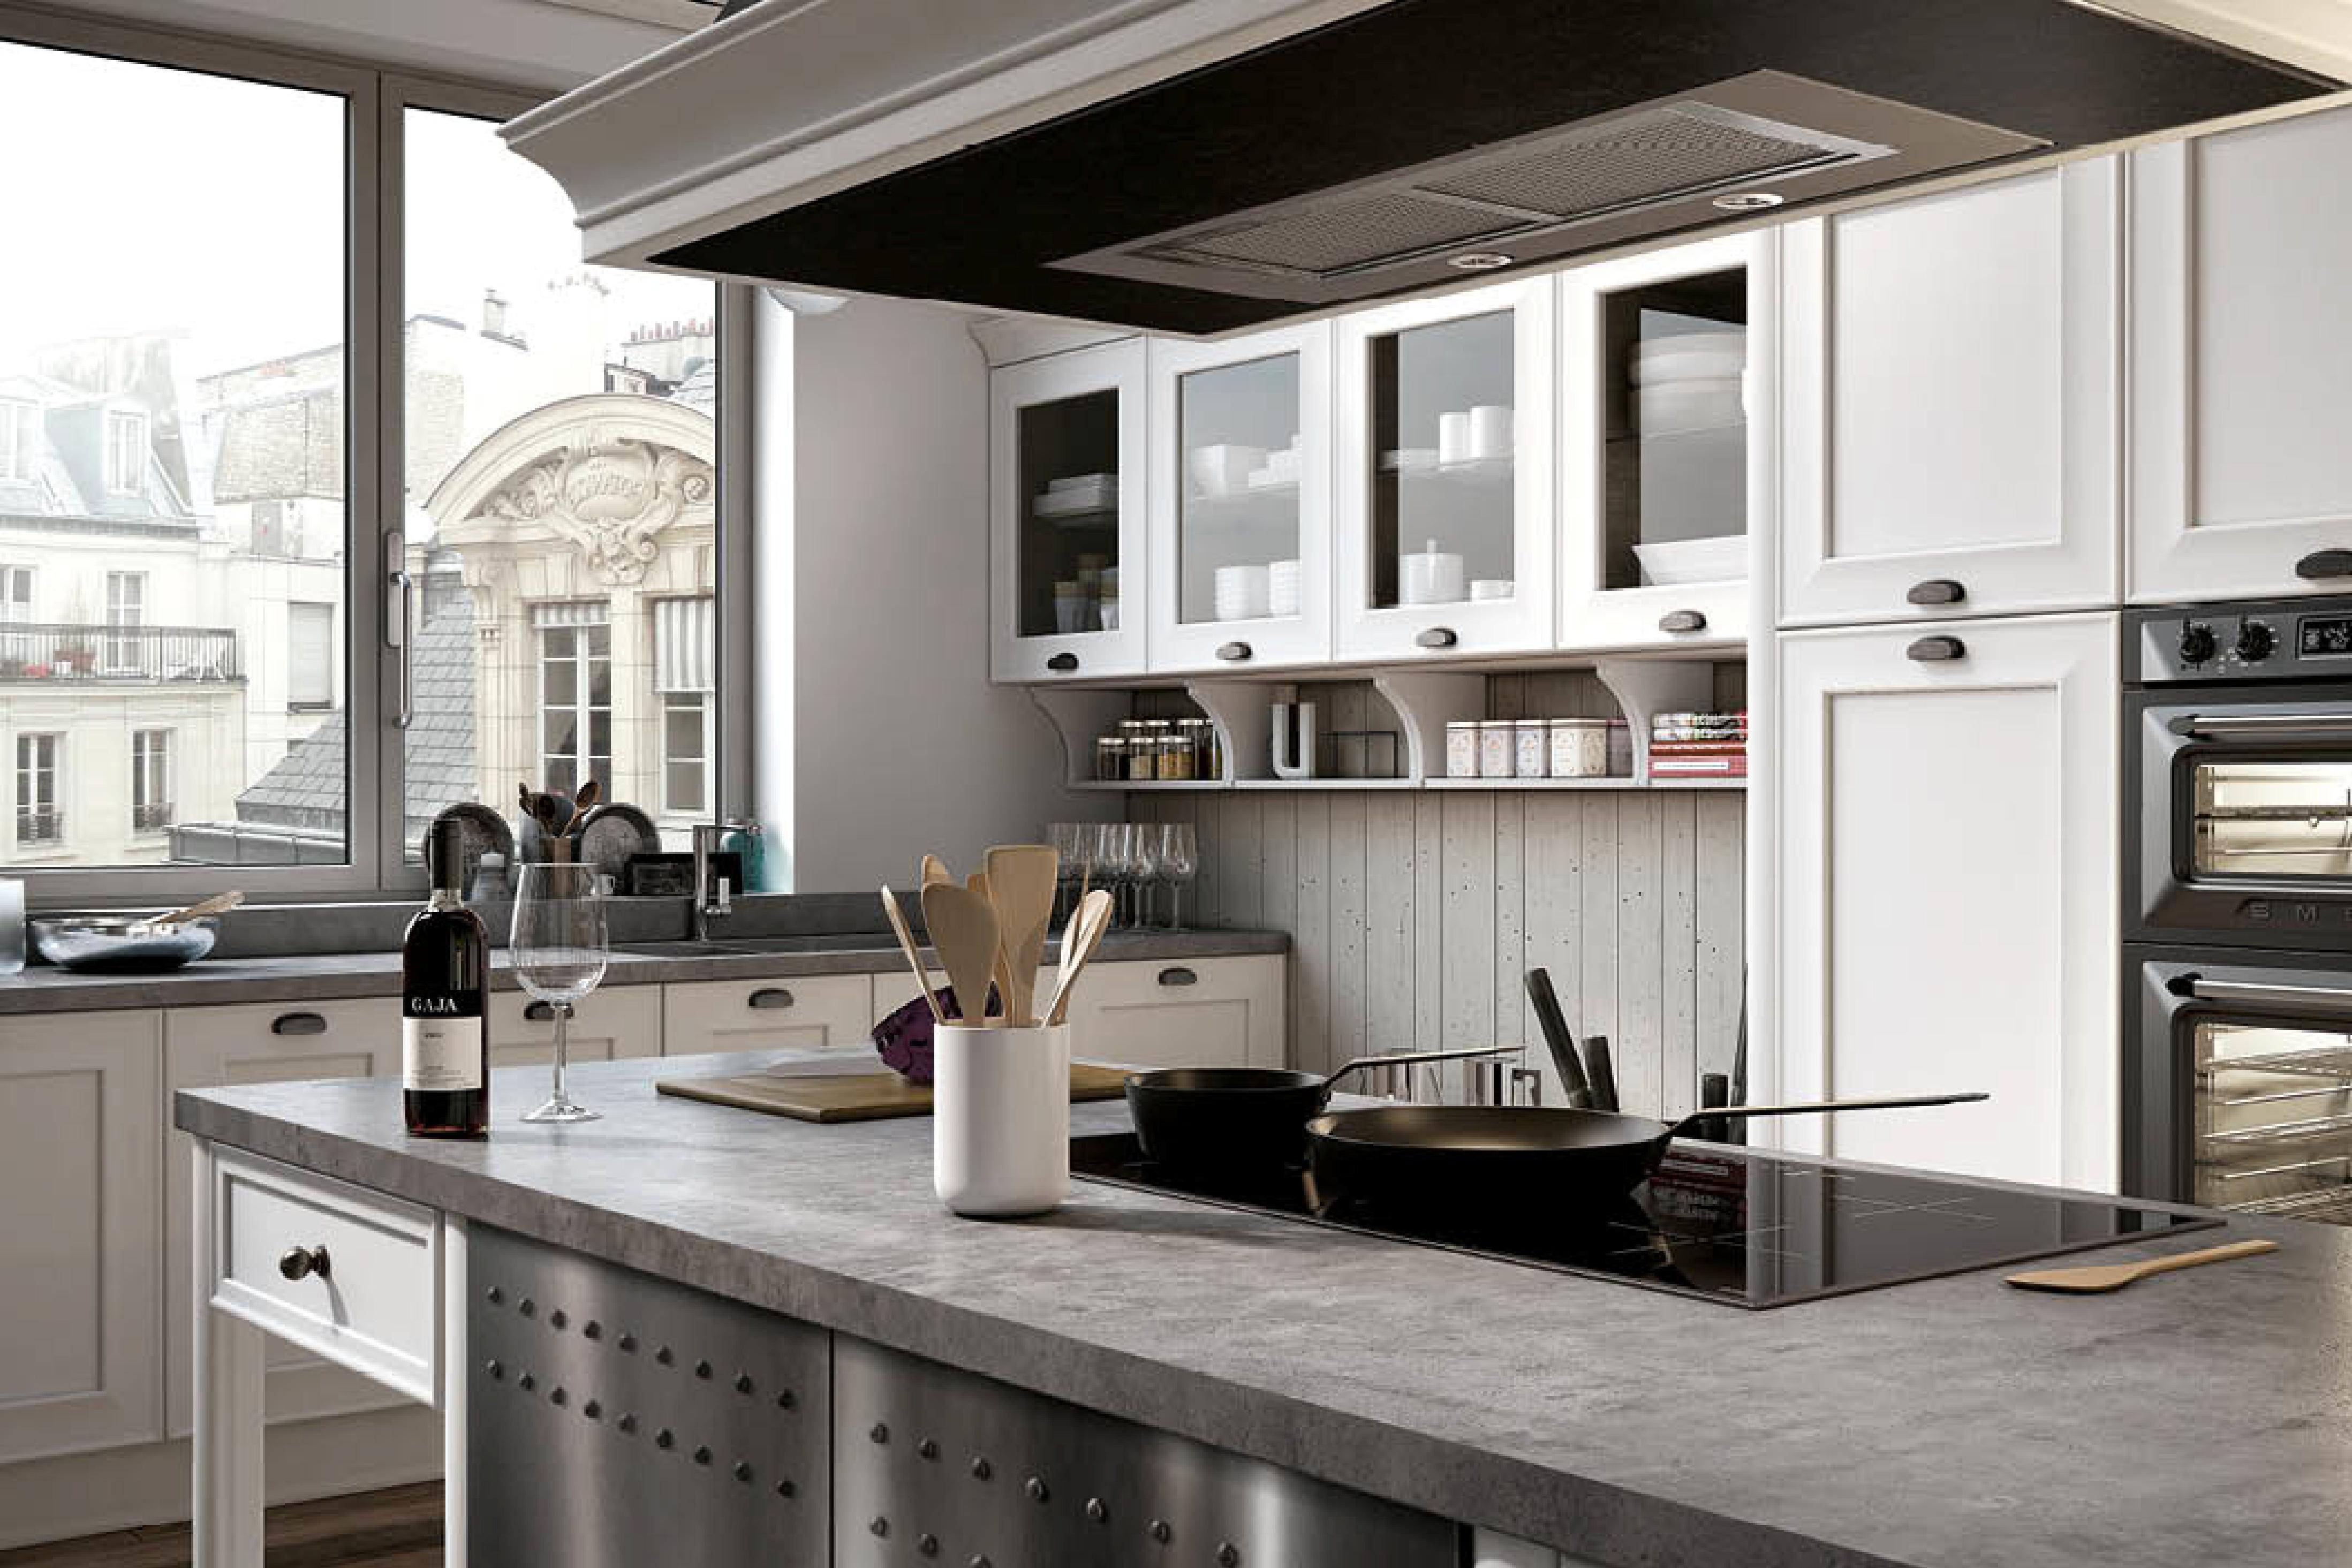 Cucine Su Misura Brescia cucine su misura a brescia e provincia | 4a-arreda